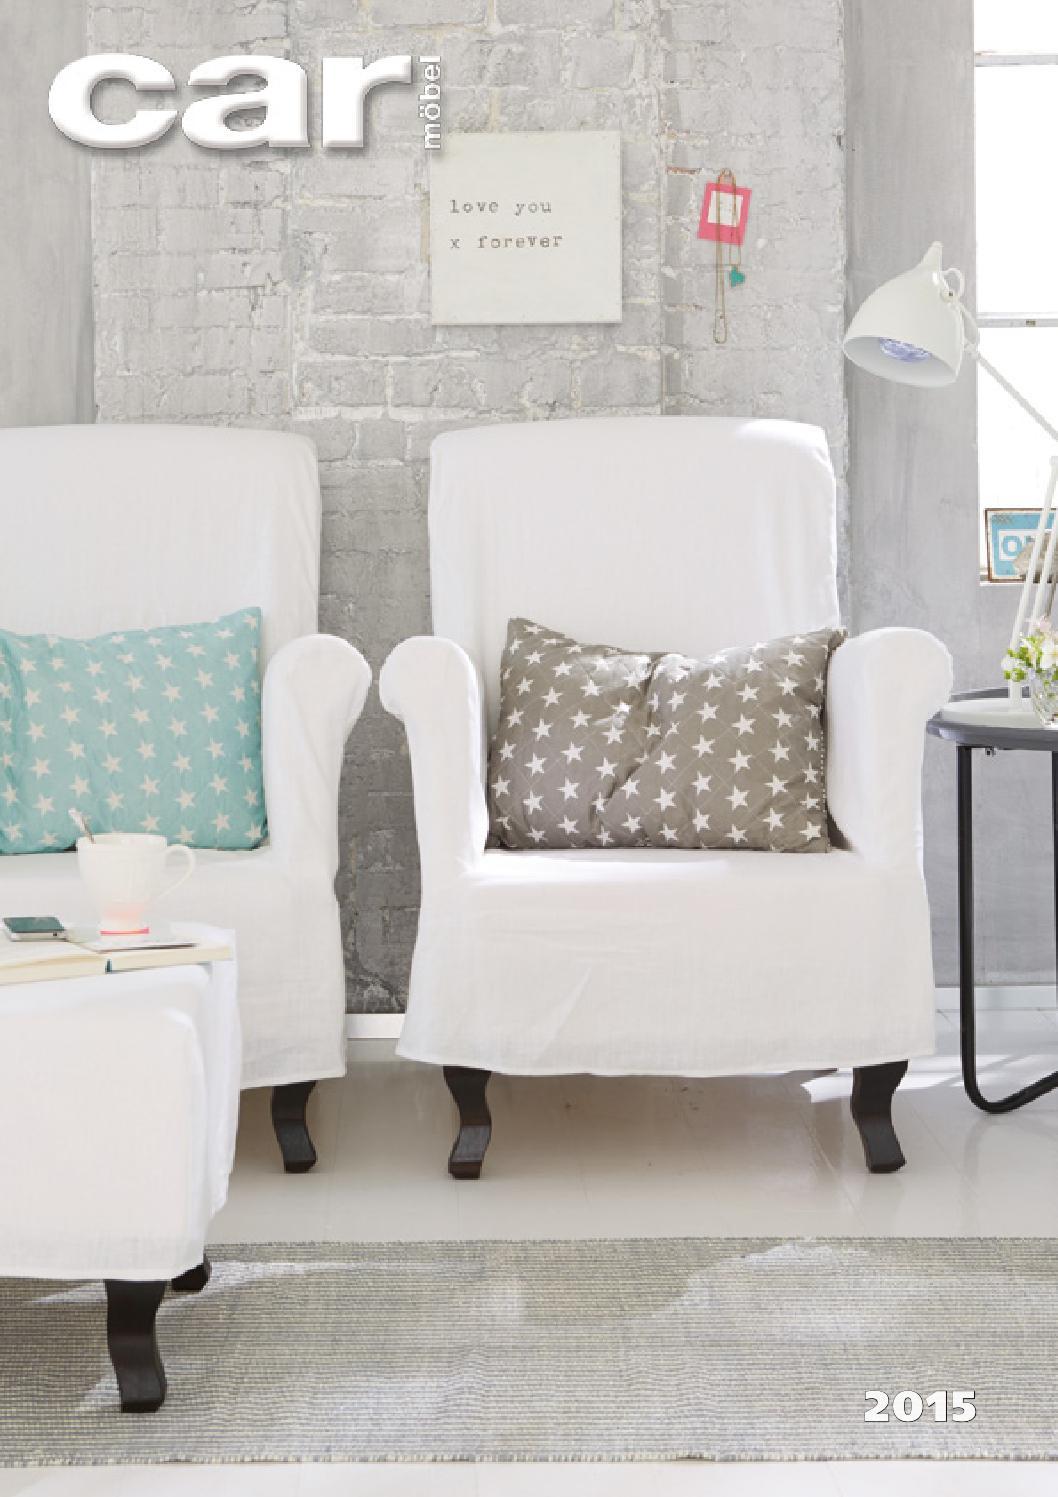 car moebel katalog by car moebel issuu. Black Bedroom Furniture Sets. Home Design Ideas